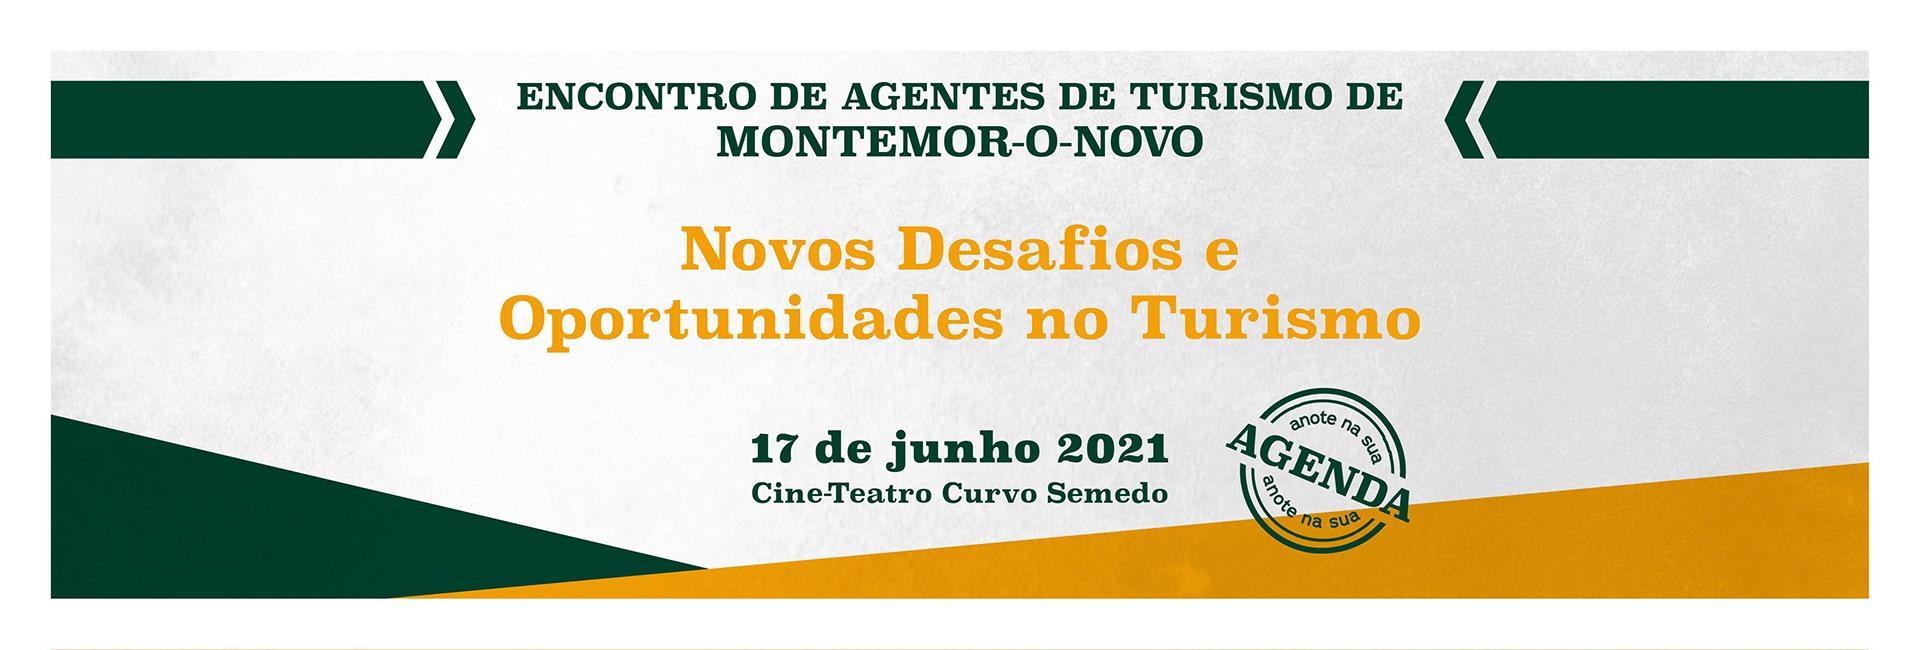 Encontro de Agentes de Turismo - 'Novos Desafios e Oportunidades no Turismo!